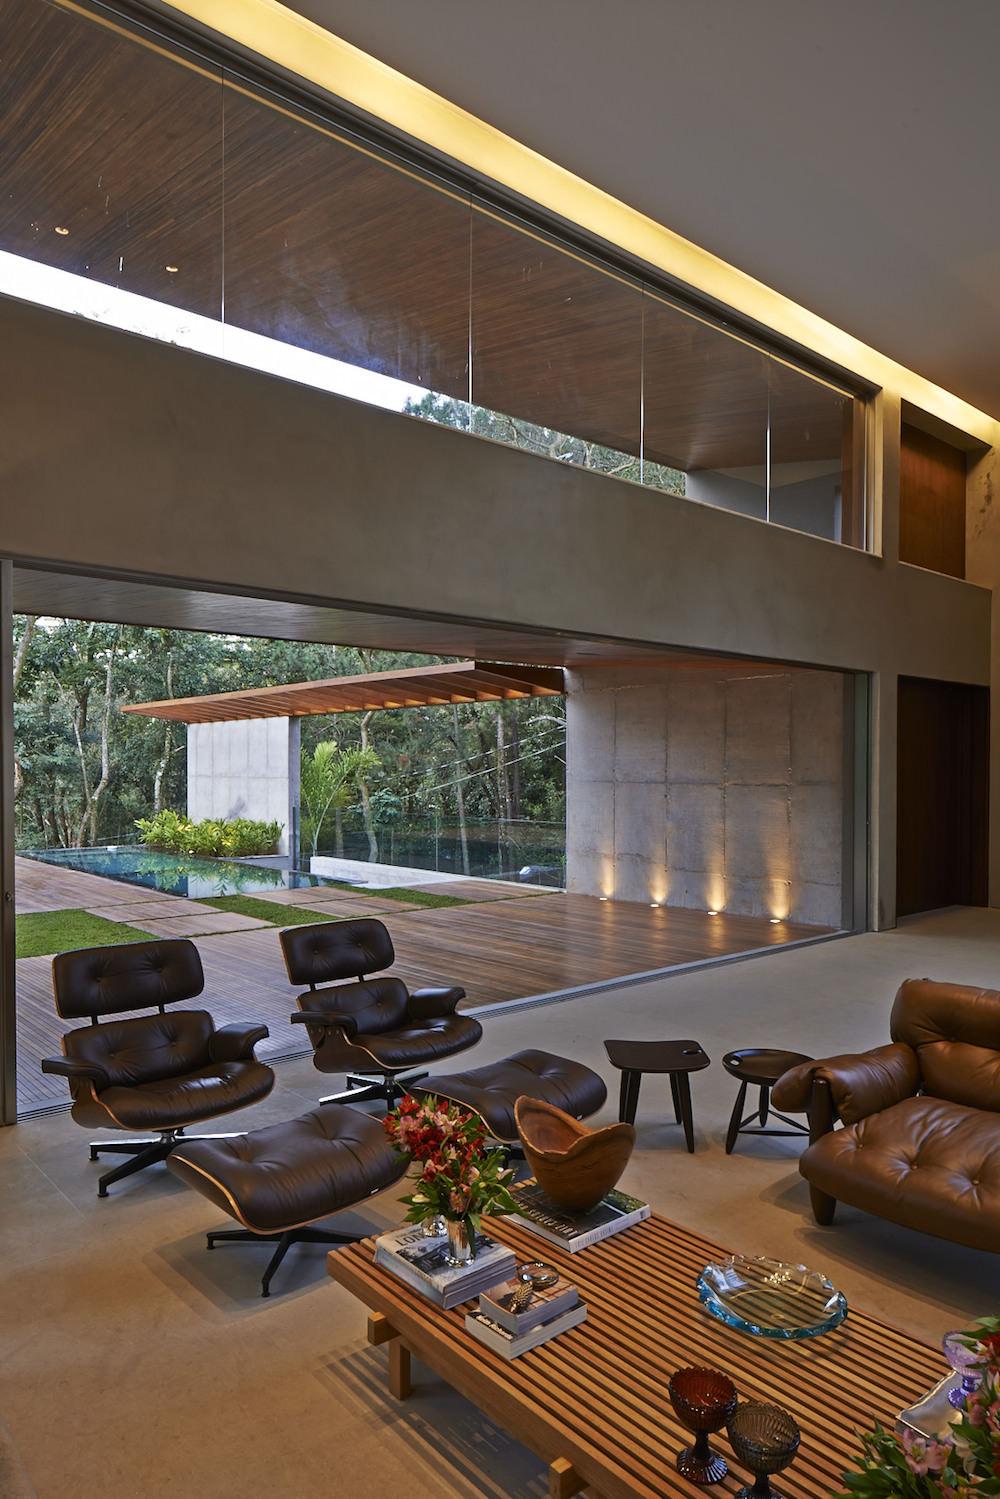 52a3dfb3e8e44ec6230000b6_bosque-da-ribeira-anastasia-arquitetos__dsc7399